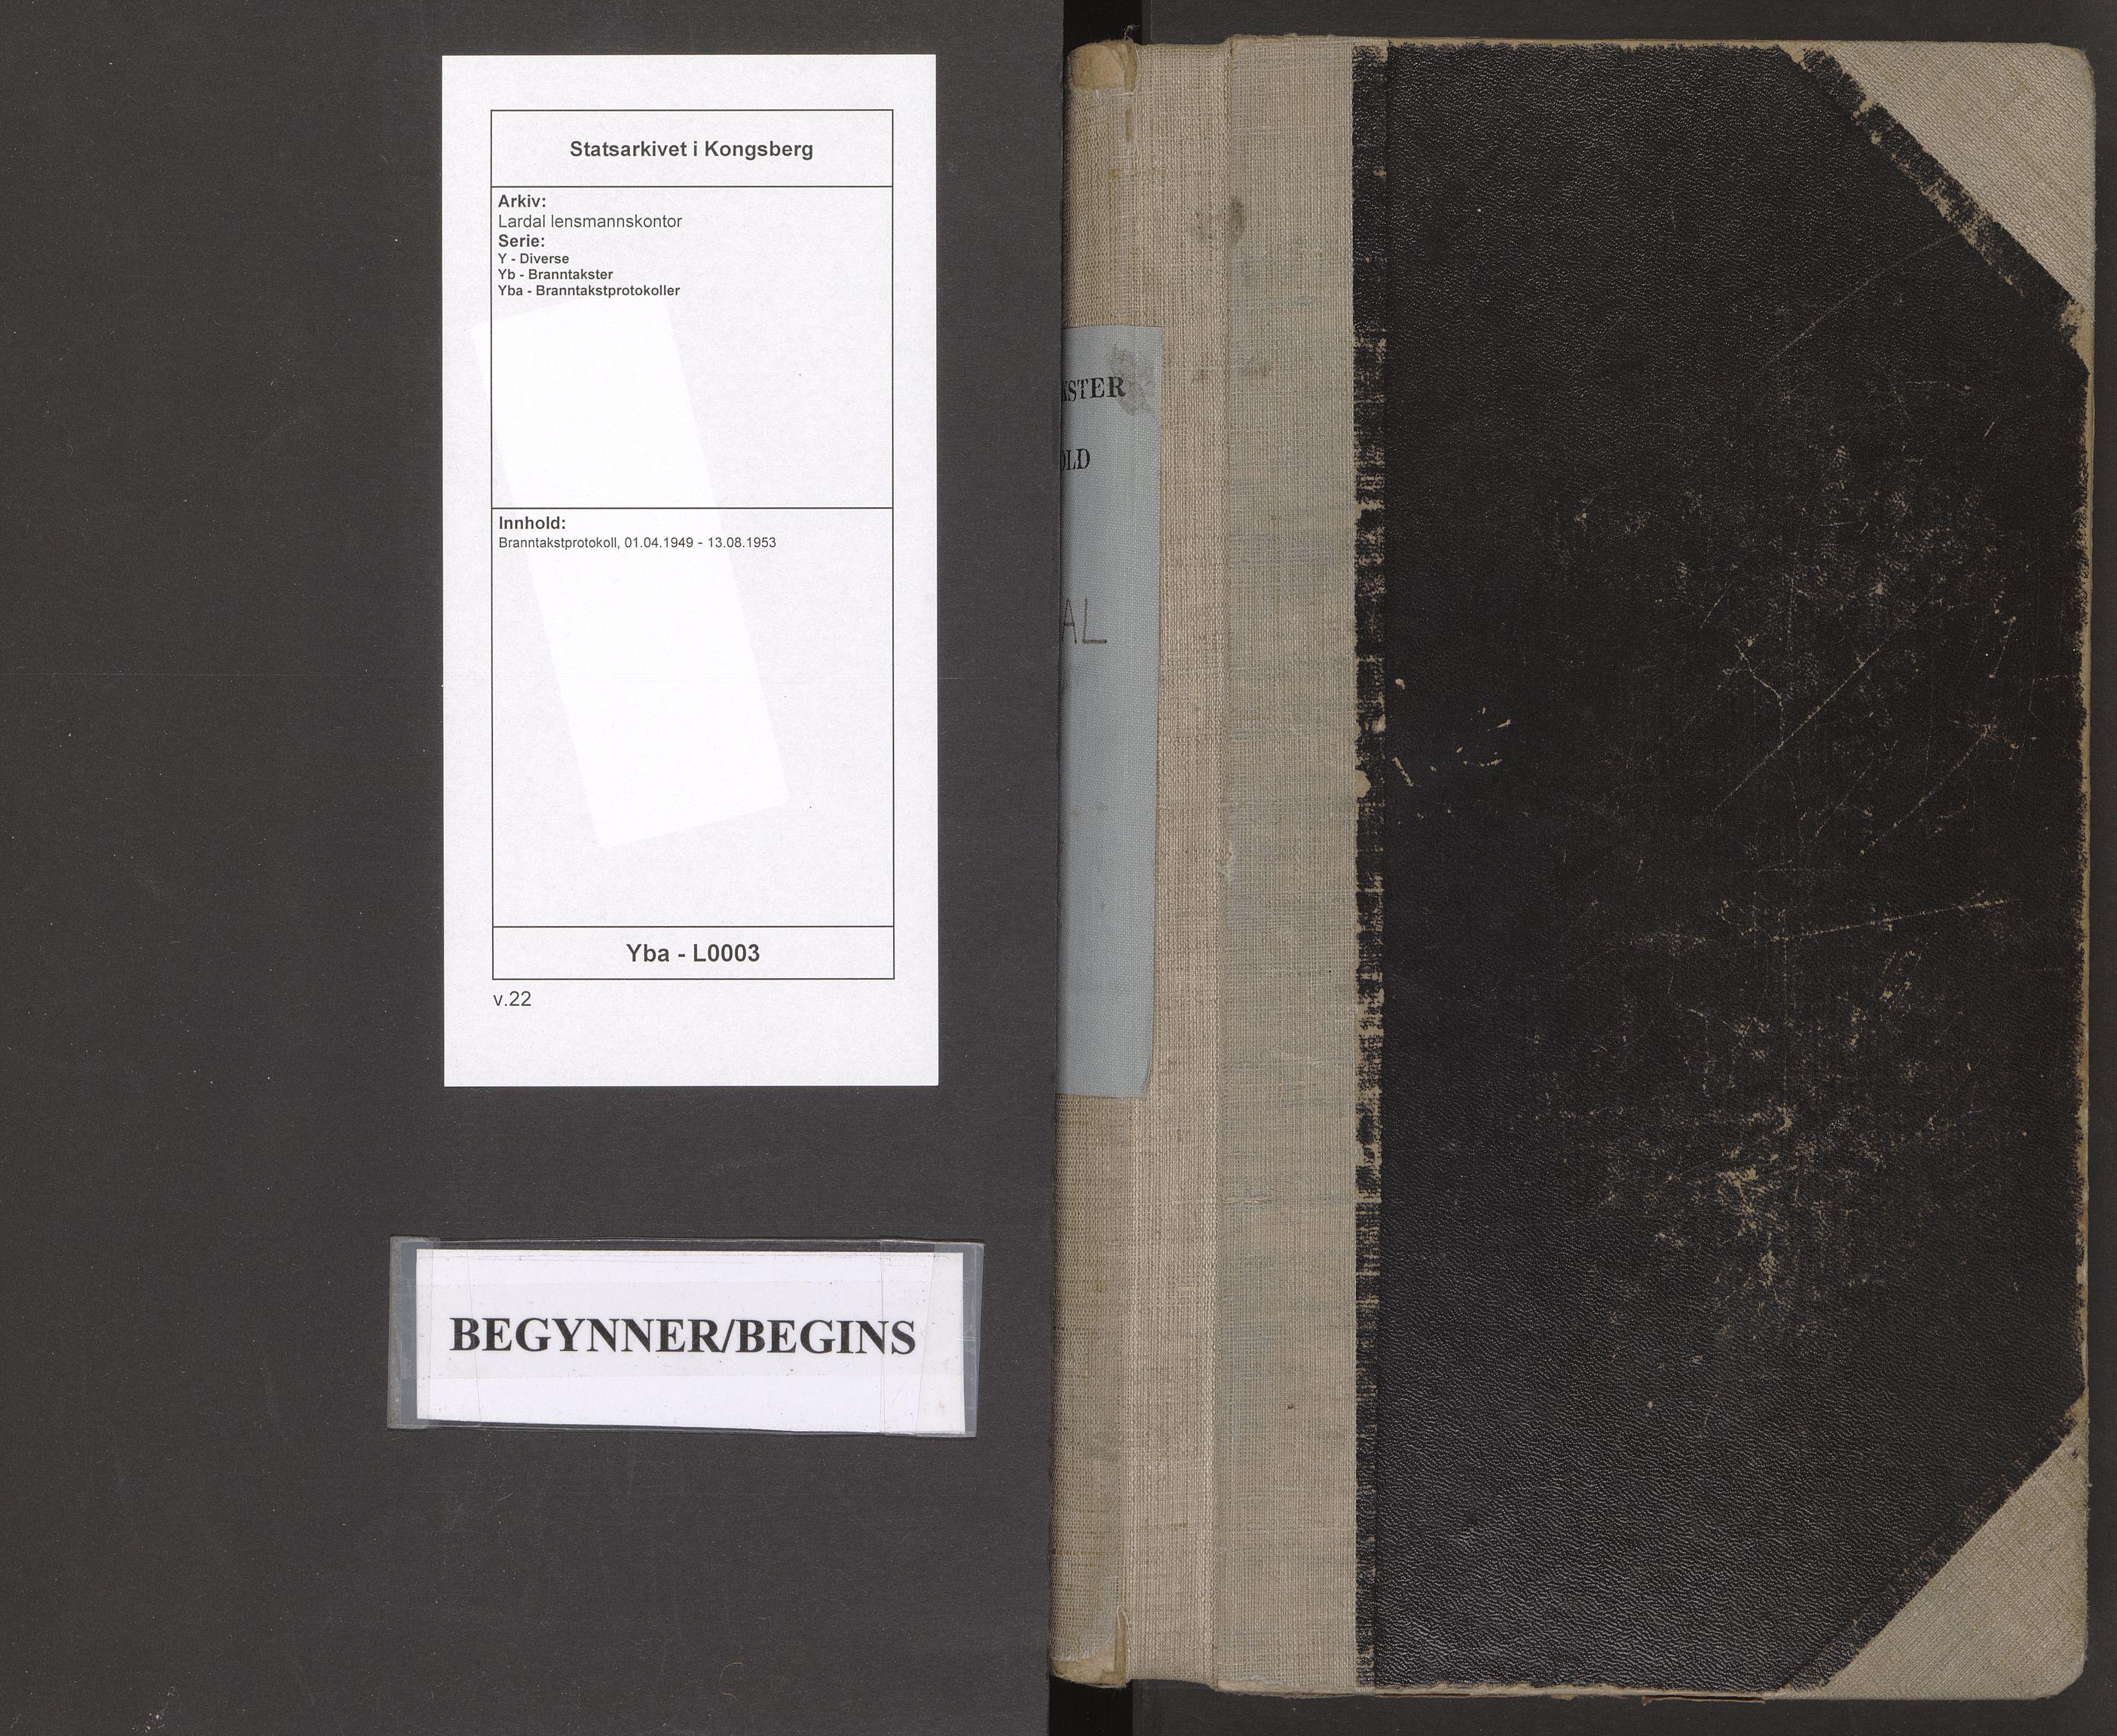 SAKO, Lardal lensmannskontor, Y/Yb/Yba/L0003: Branntakstprotokoll, 1949-1953